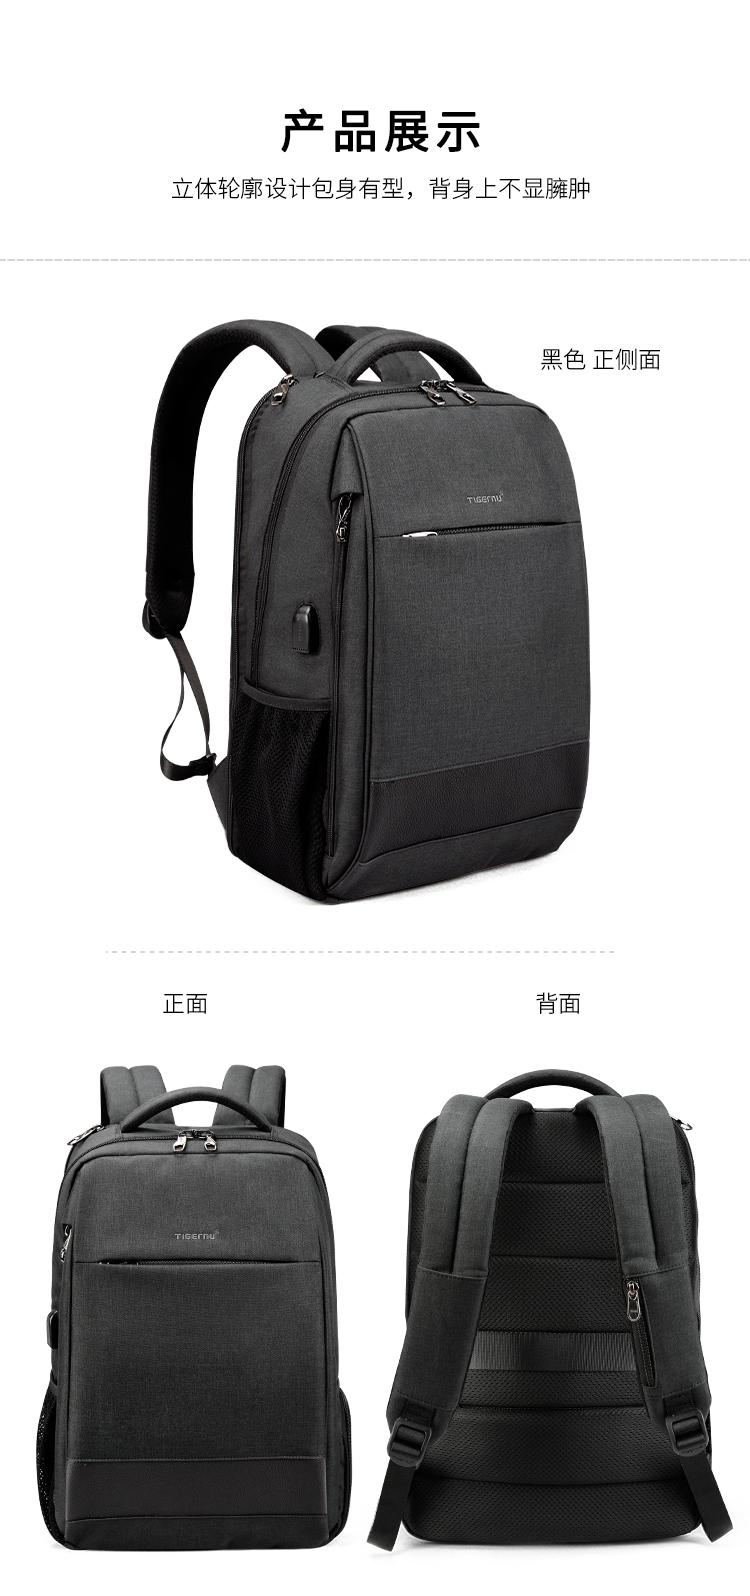 3516中文-new(750_16.jpg